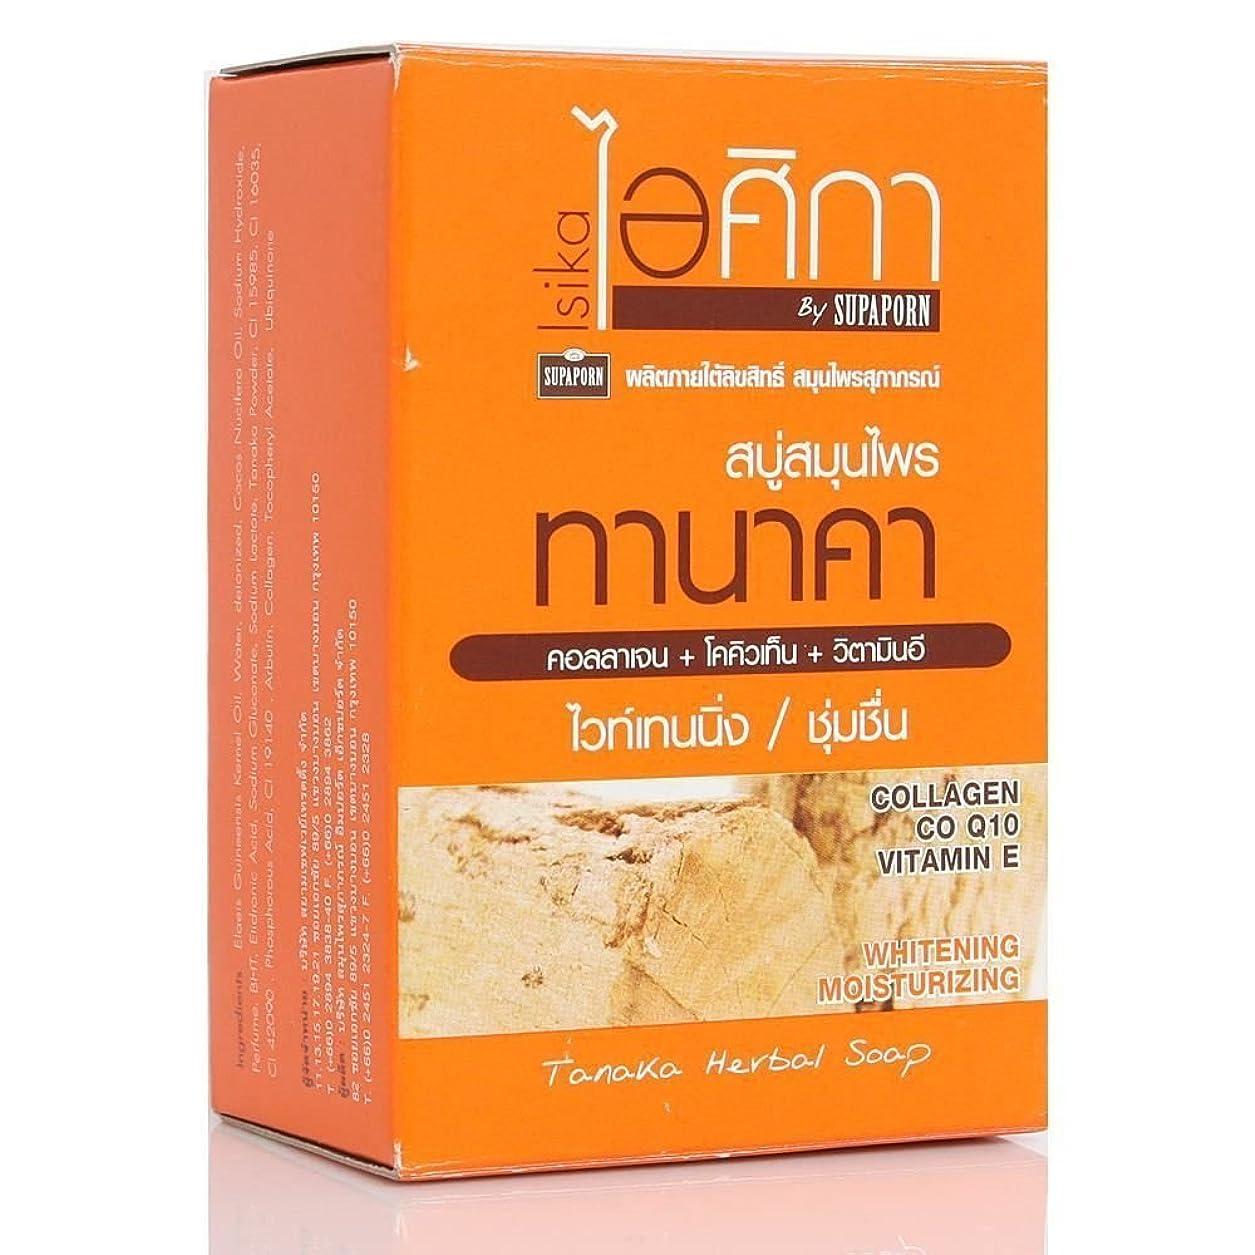 検出する故国嫉妬Isika TANAKA Collagen CO Q10 Vitamin E Skin Whitening Moisturizer Herbal Soap 100g./3.5oz.